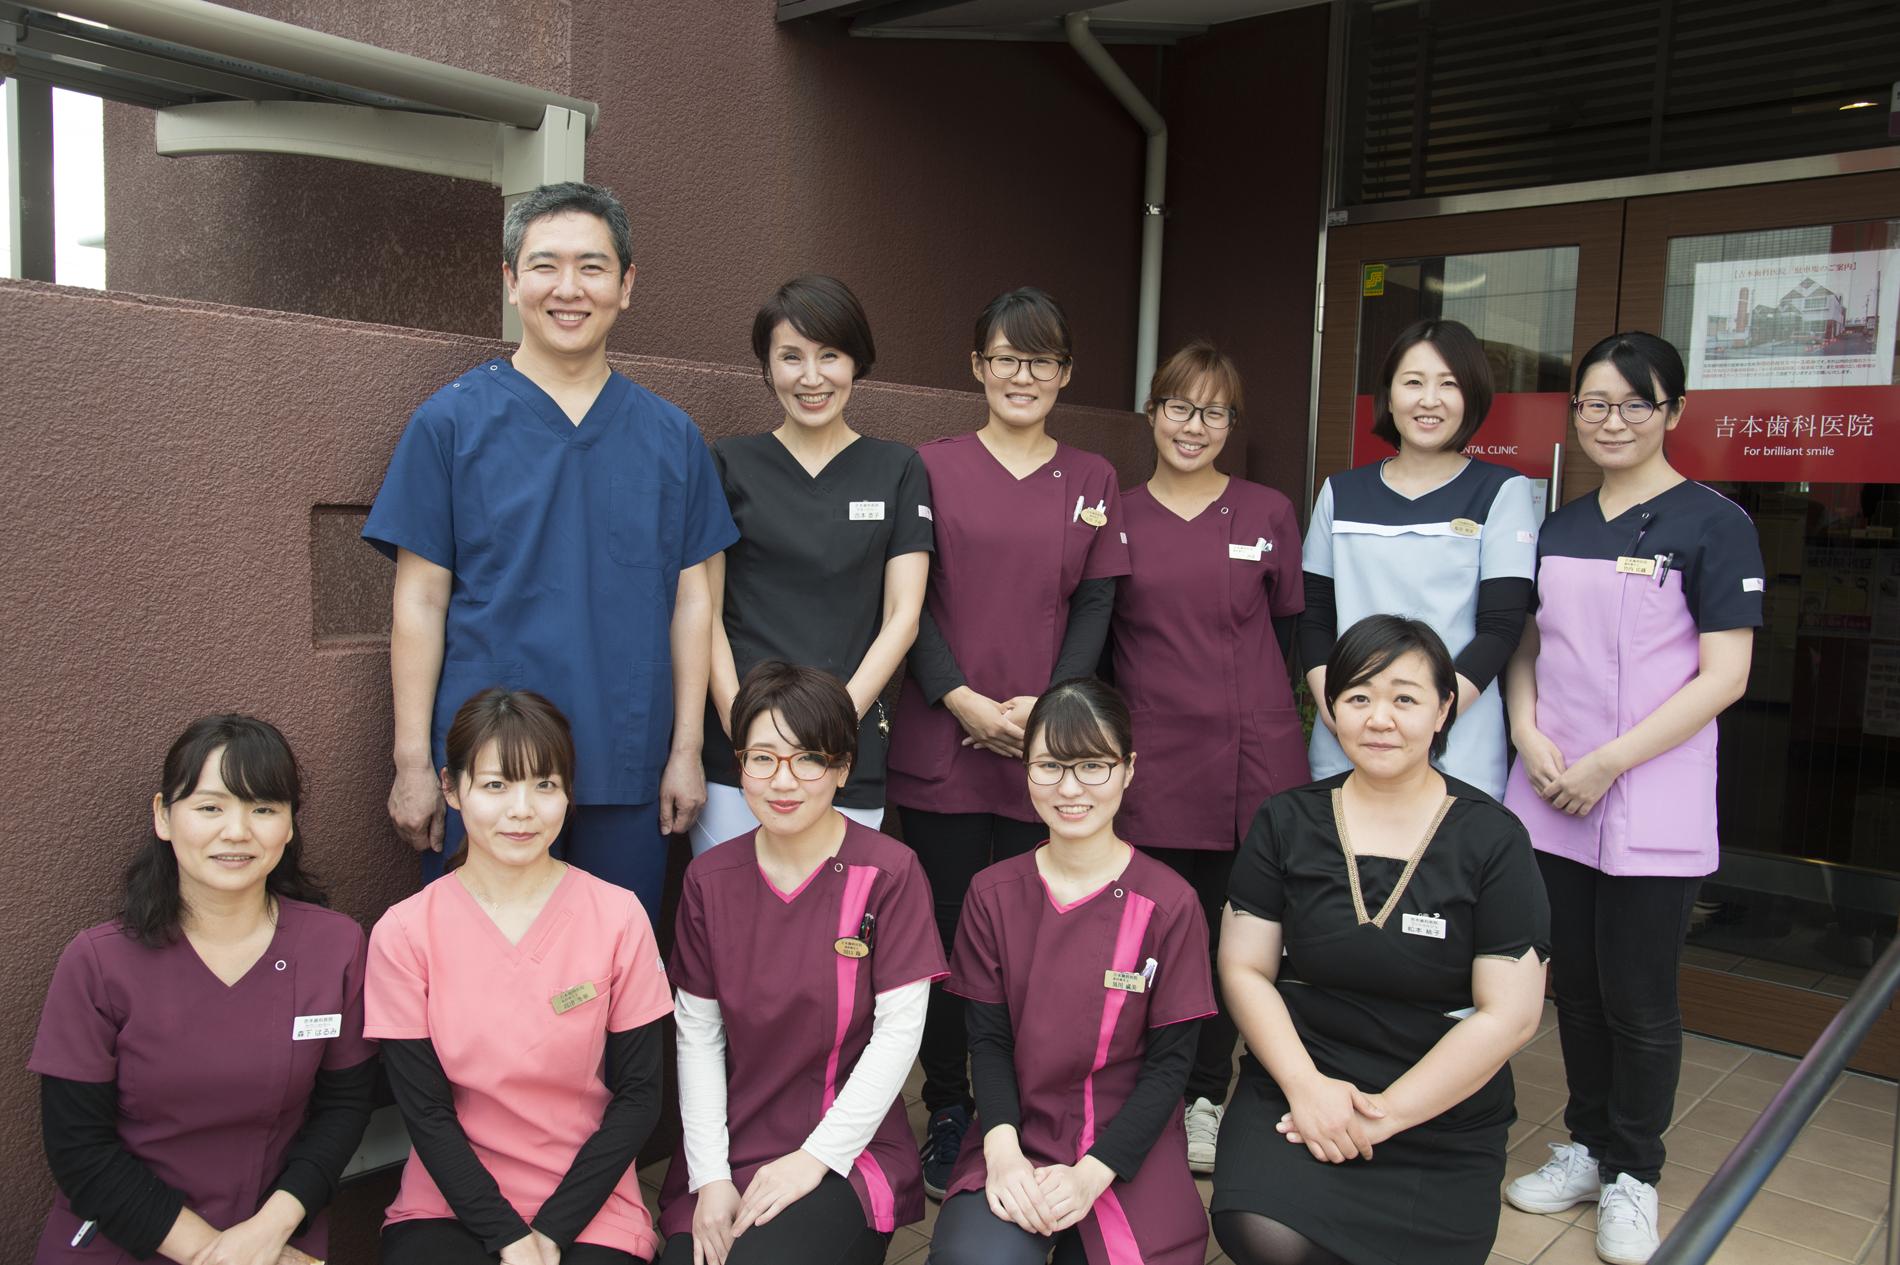 香川県高松市の吉本歯科医院|女性が働きやすい職場を実現|母性型経営を実践中|歯科衛生士、歯科助手、歯科受付の採用